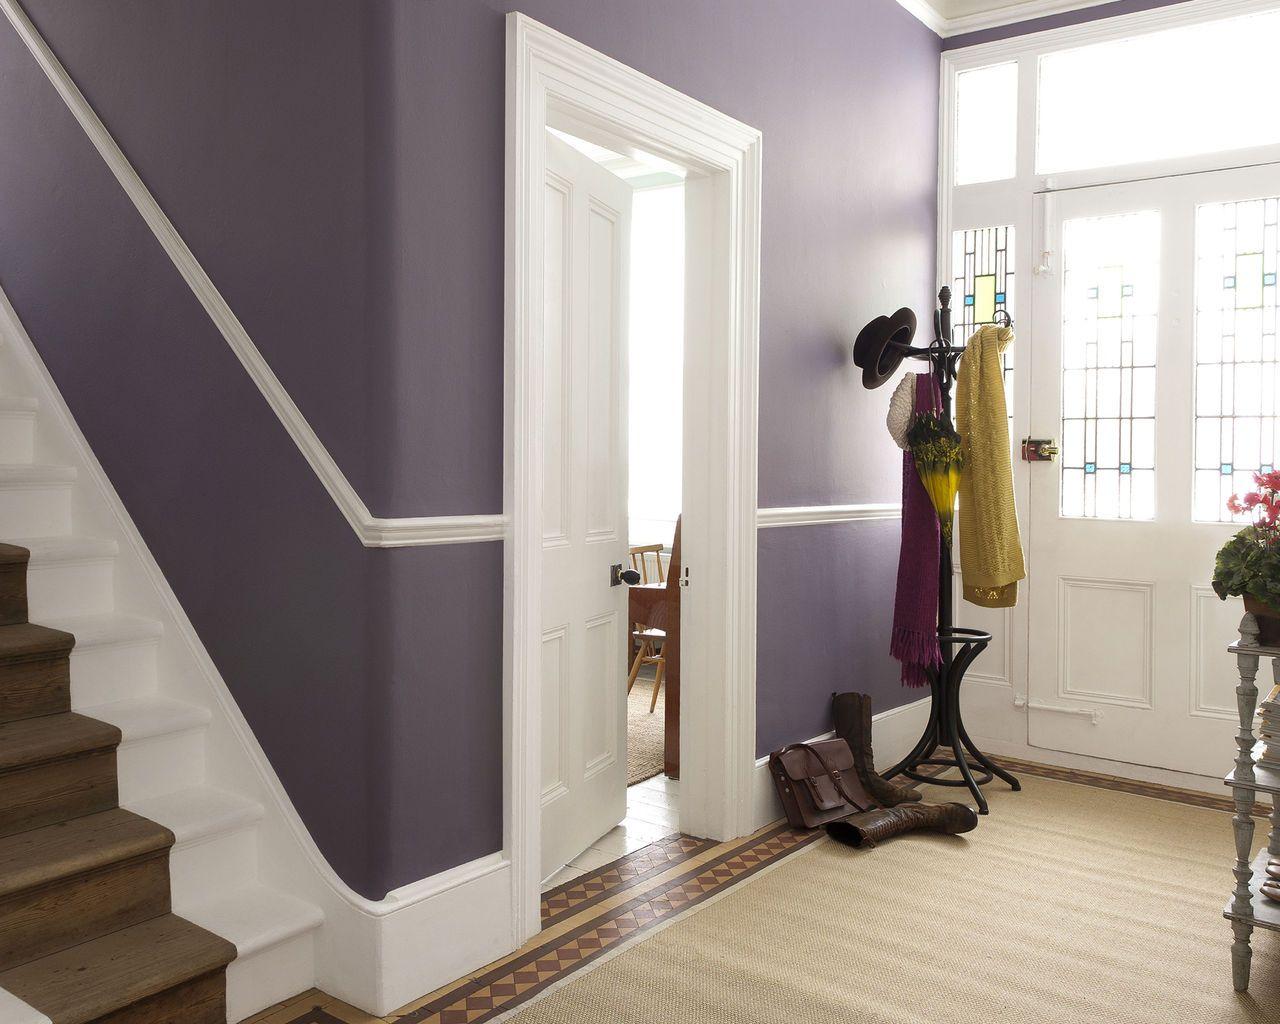 peinture couleur prune peinture porte d entree dulux. Black Bedroom Furniture Sets. Home Design Ideas